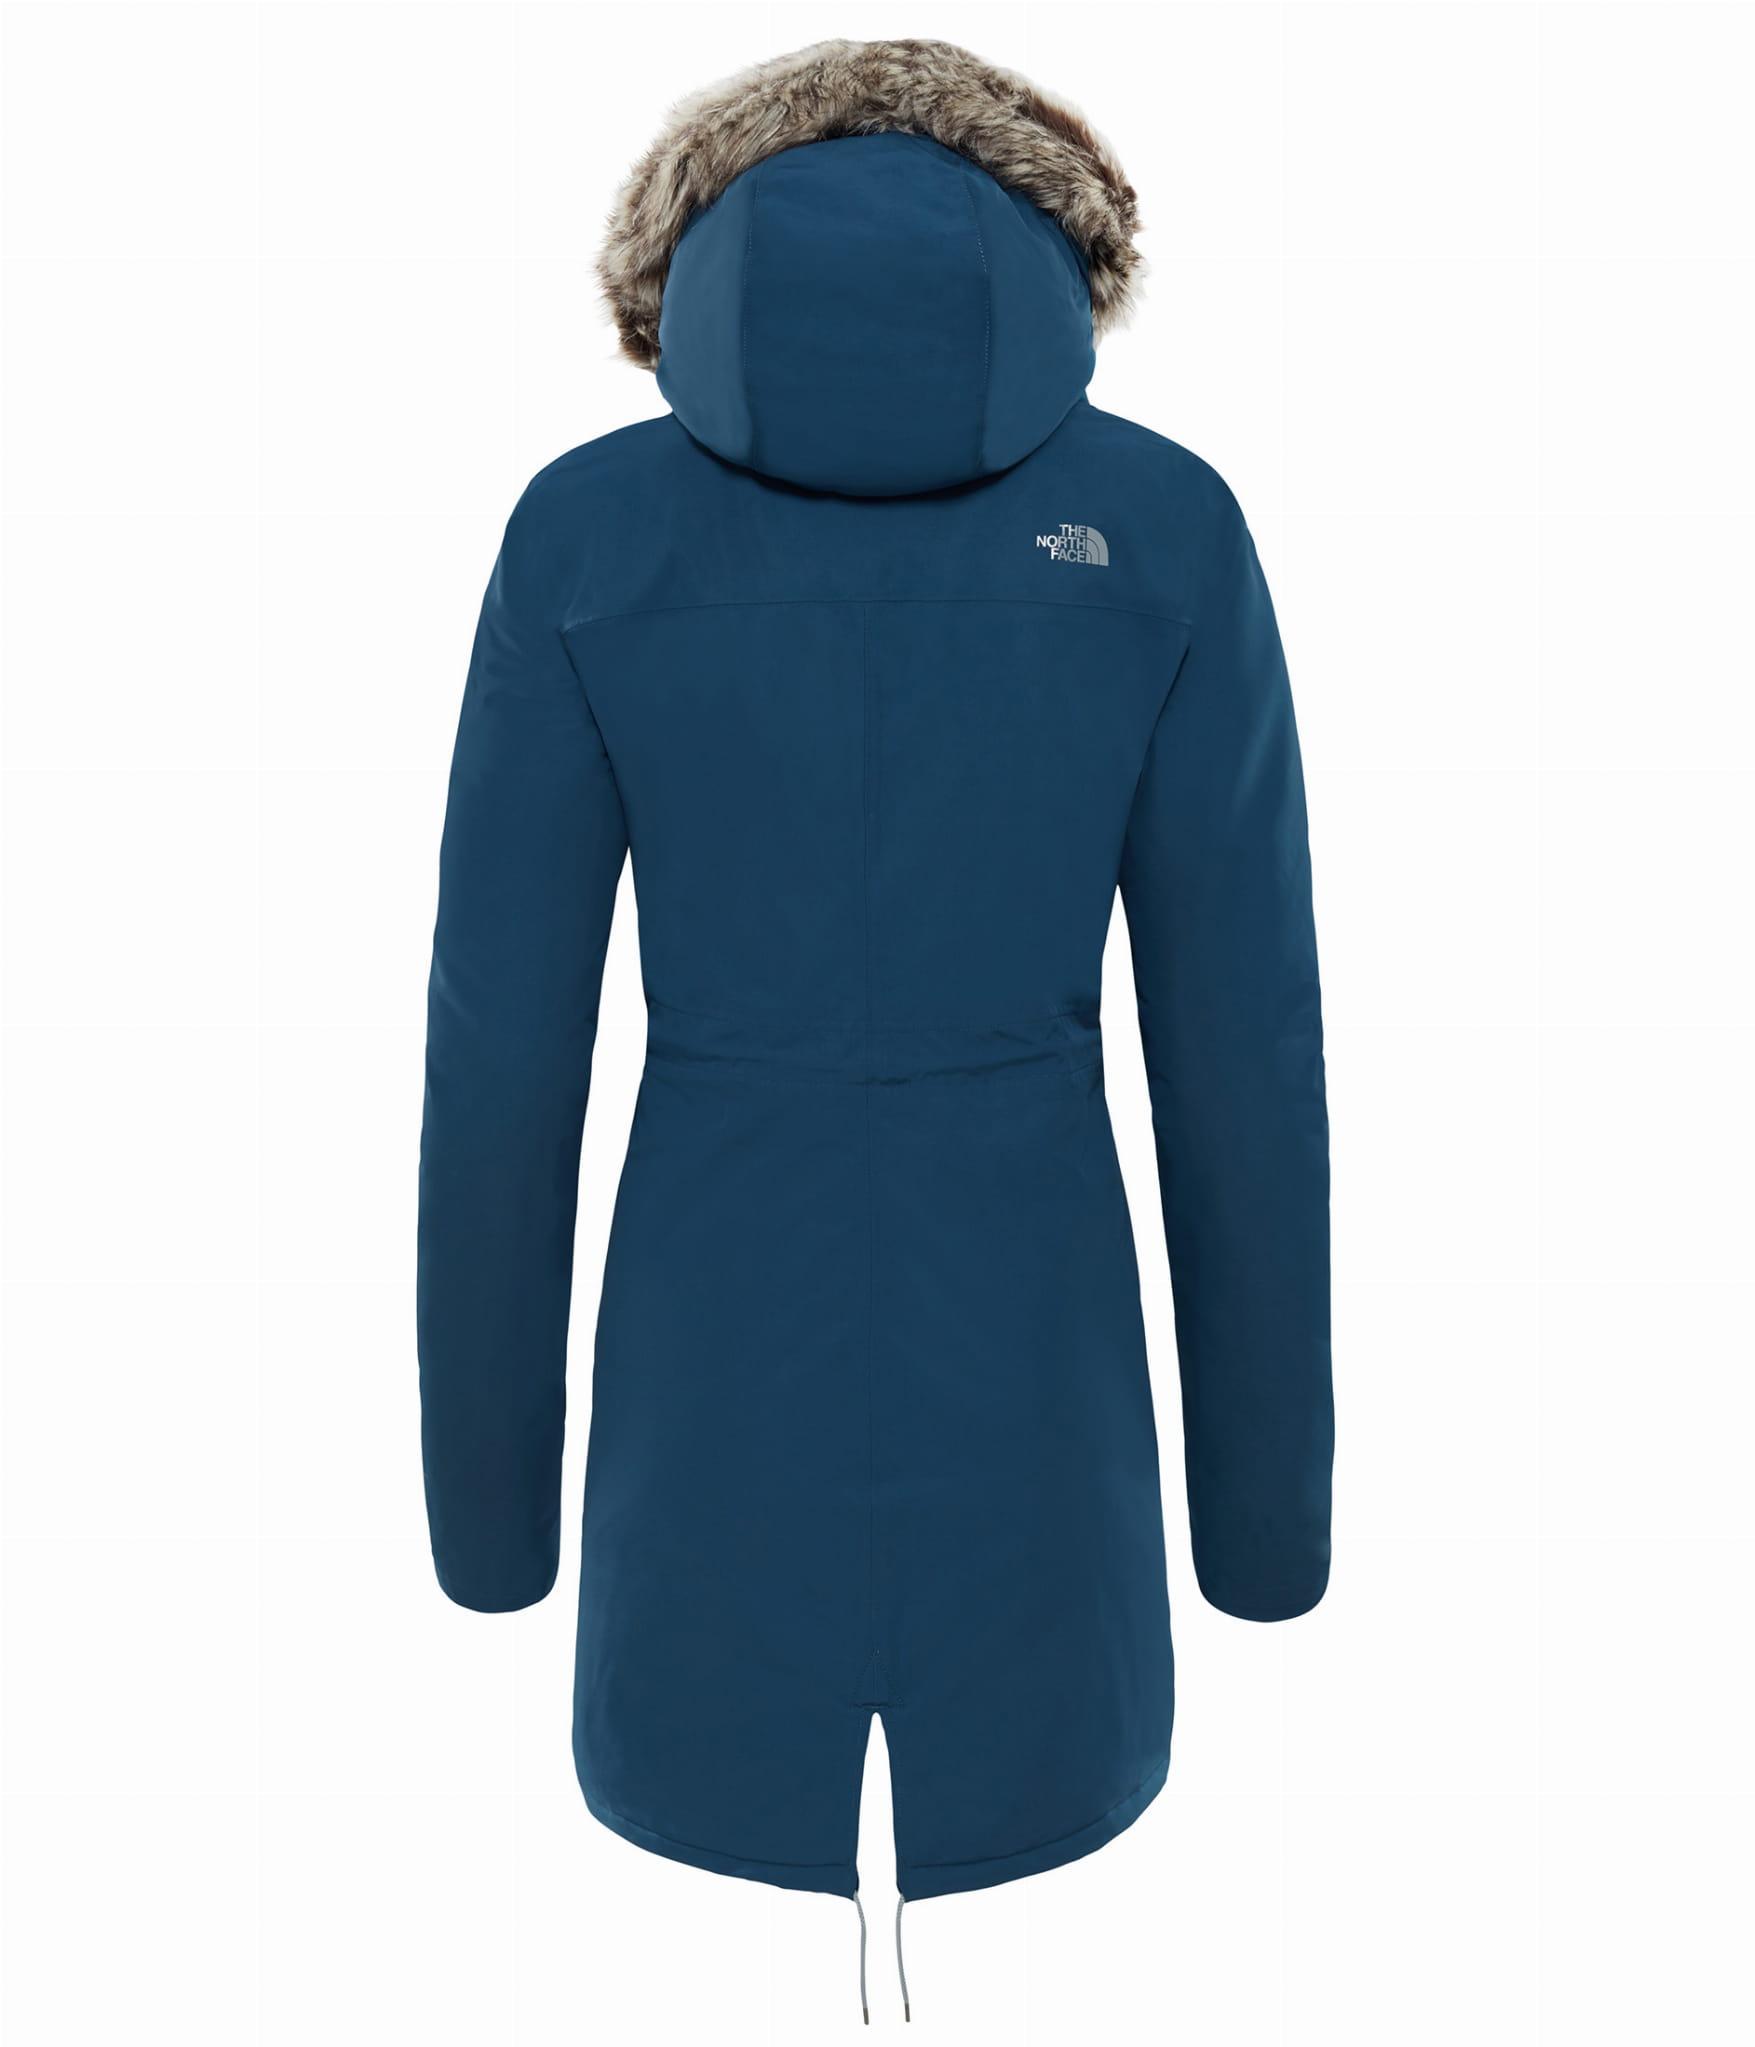 sklep z wyprzedażami Kod kuponu buty temperamentu Kurtka damska The North Face ZANECK PARKA tnf bluewindteal/bluewindteal